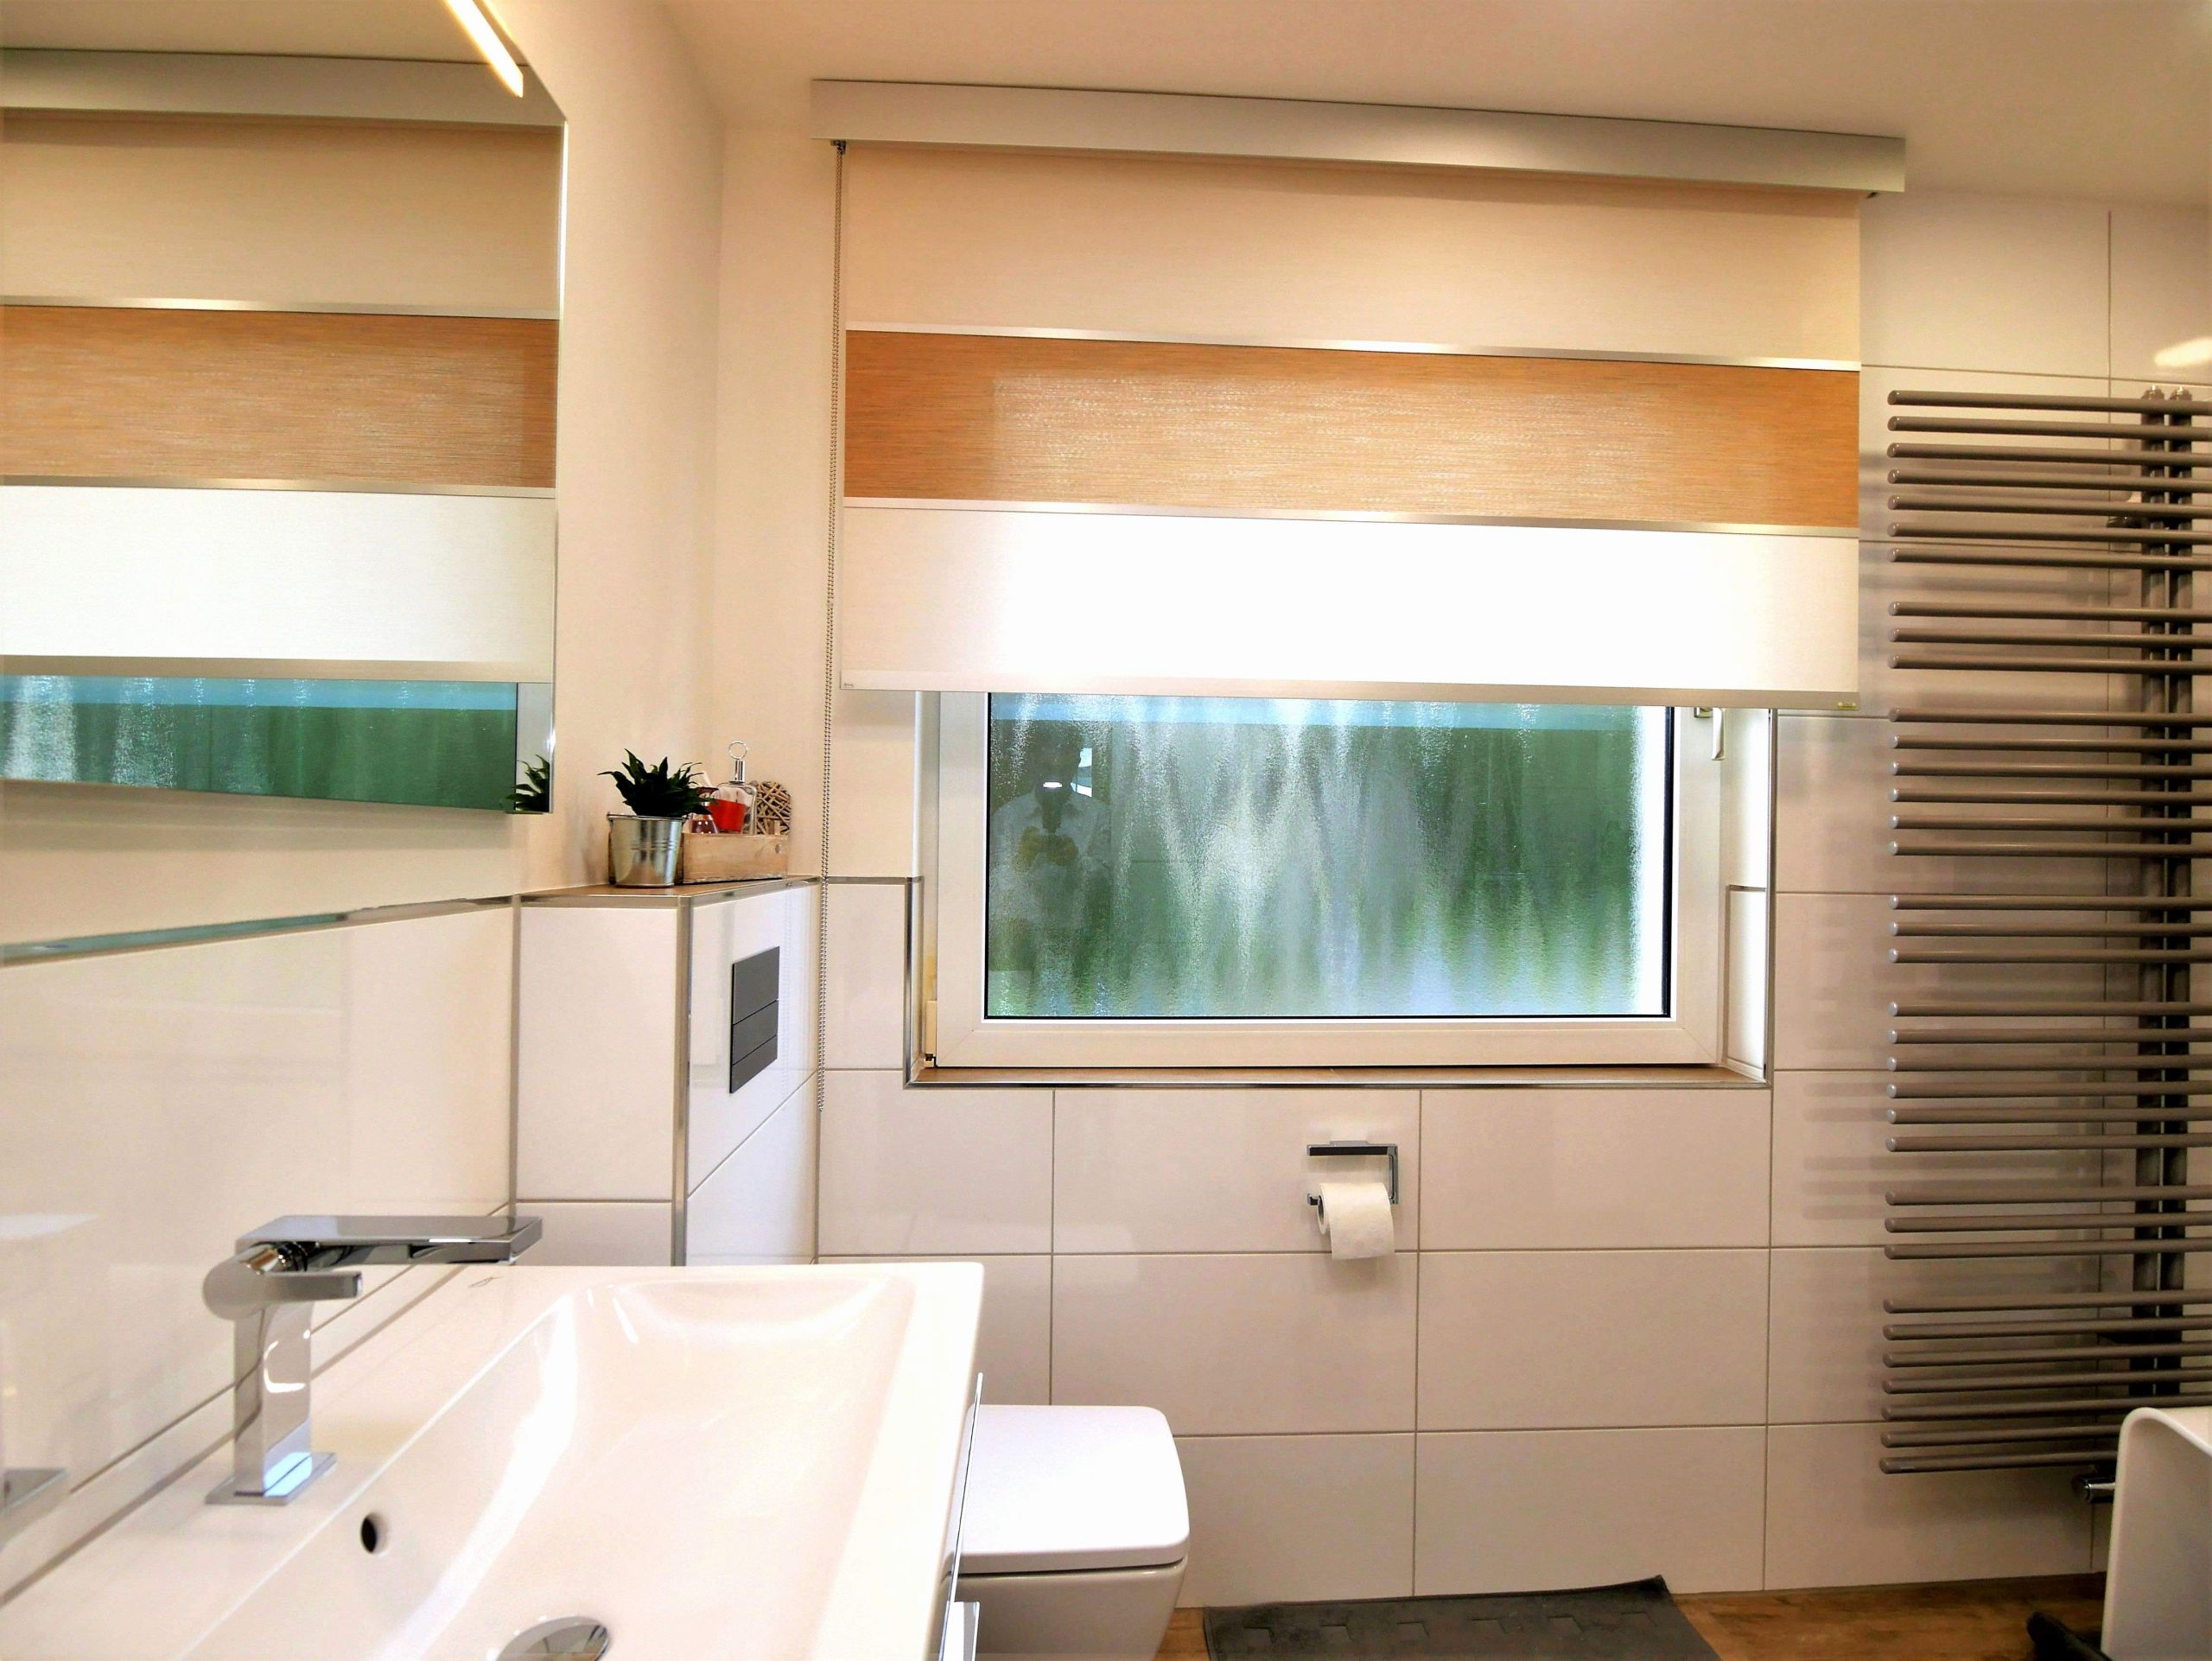 Full Size of Küchen Raffrollo 29 Elegant Wohnzimmer Modern Luxus Frisch Regal Küche Wohnzimmer Küchen Raffrollo